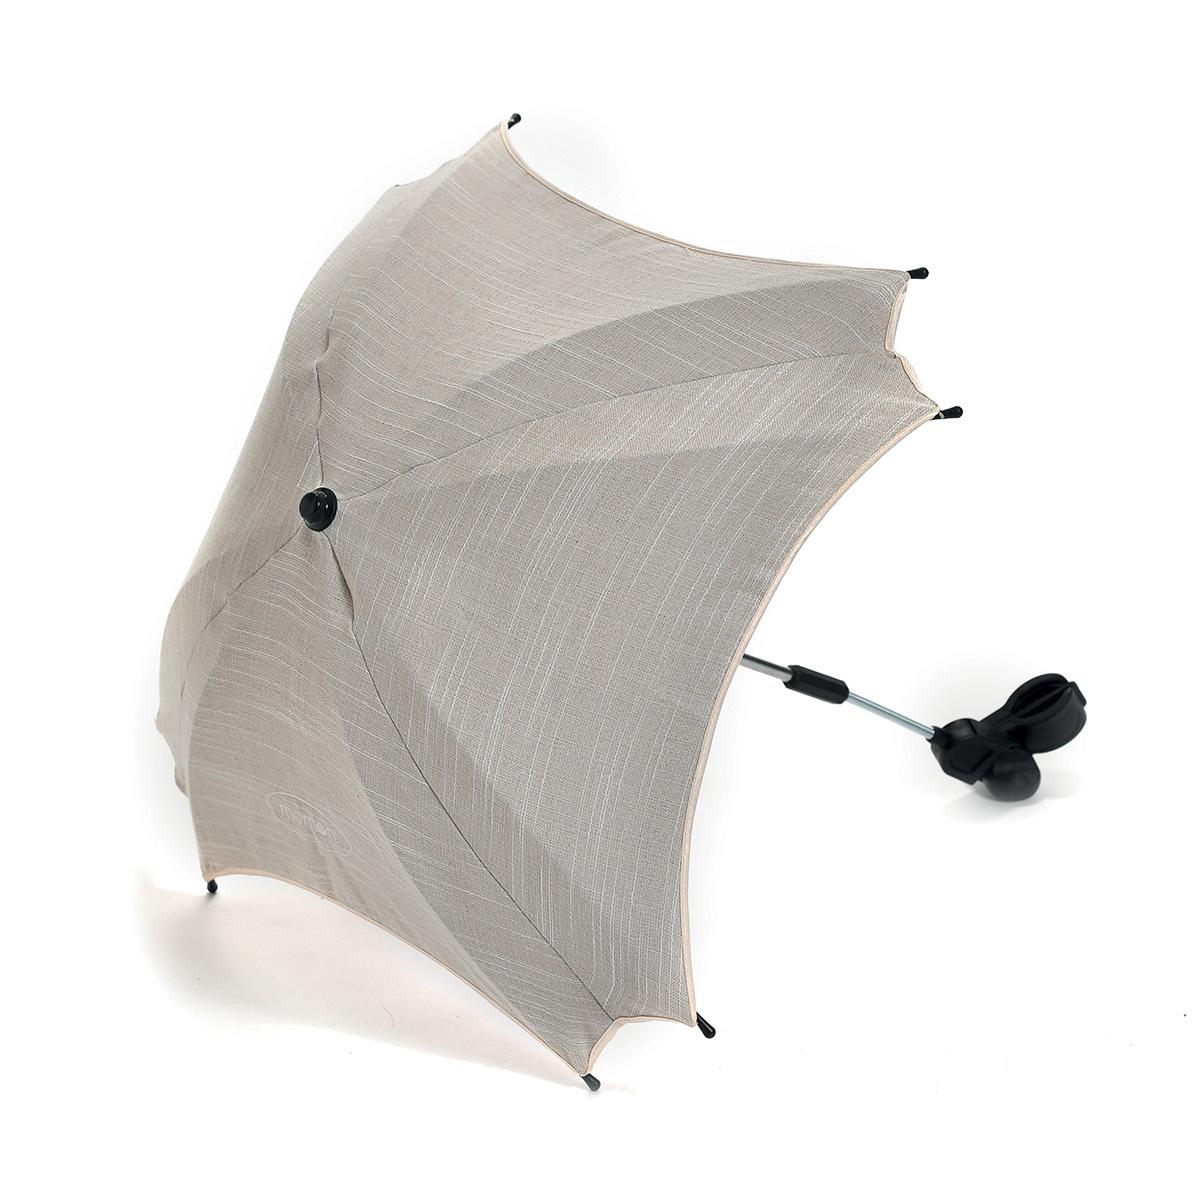 Parapluie Momon Diplomatica - Sakura Cream